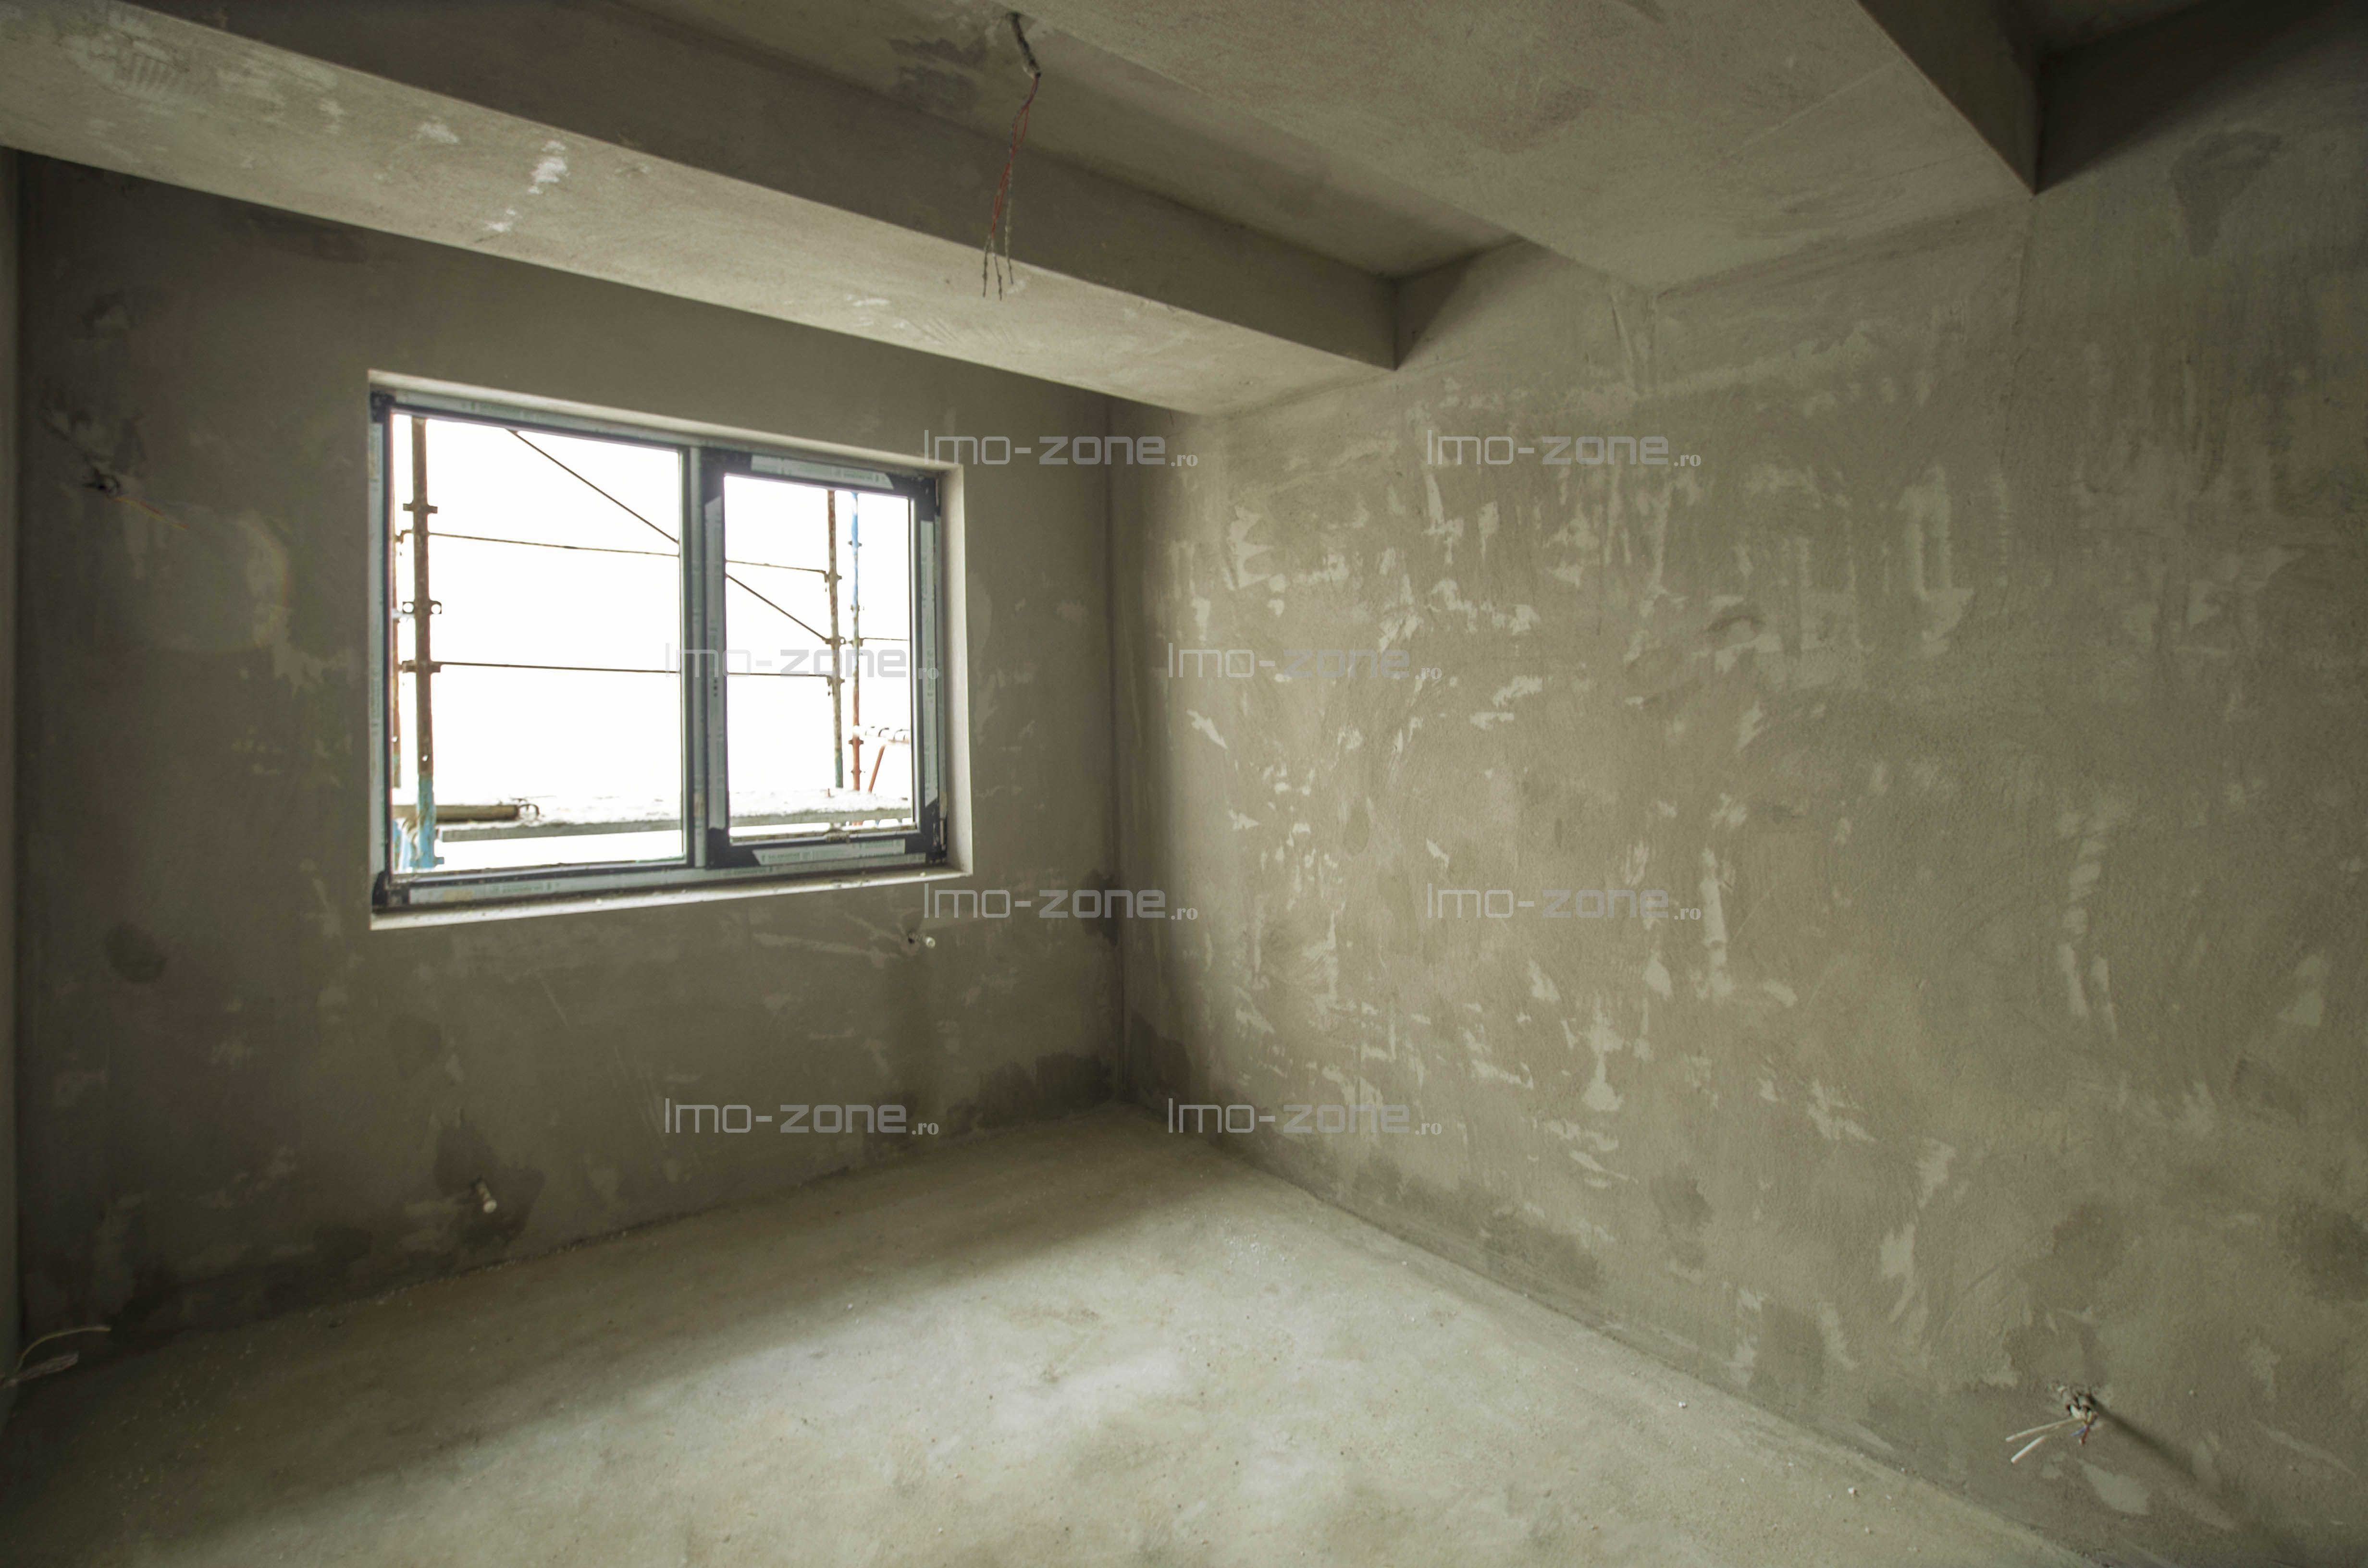 Imobil nou, str. Lujerului, Plaza, 2 camere decomandat, etaj 3, metrou